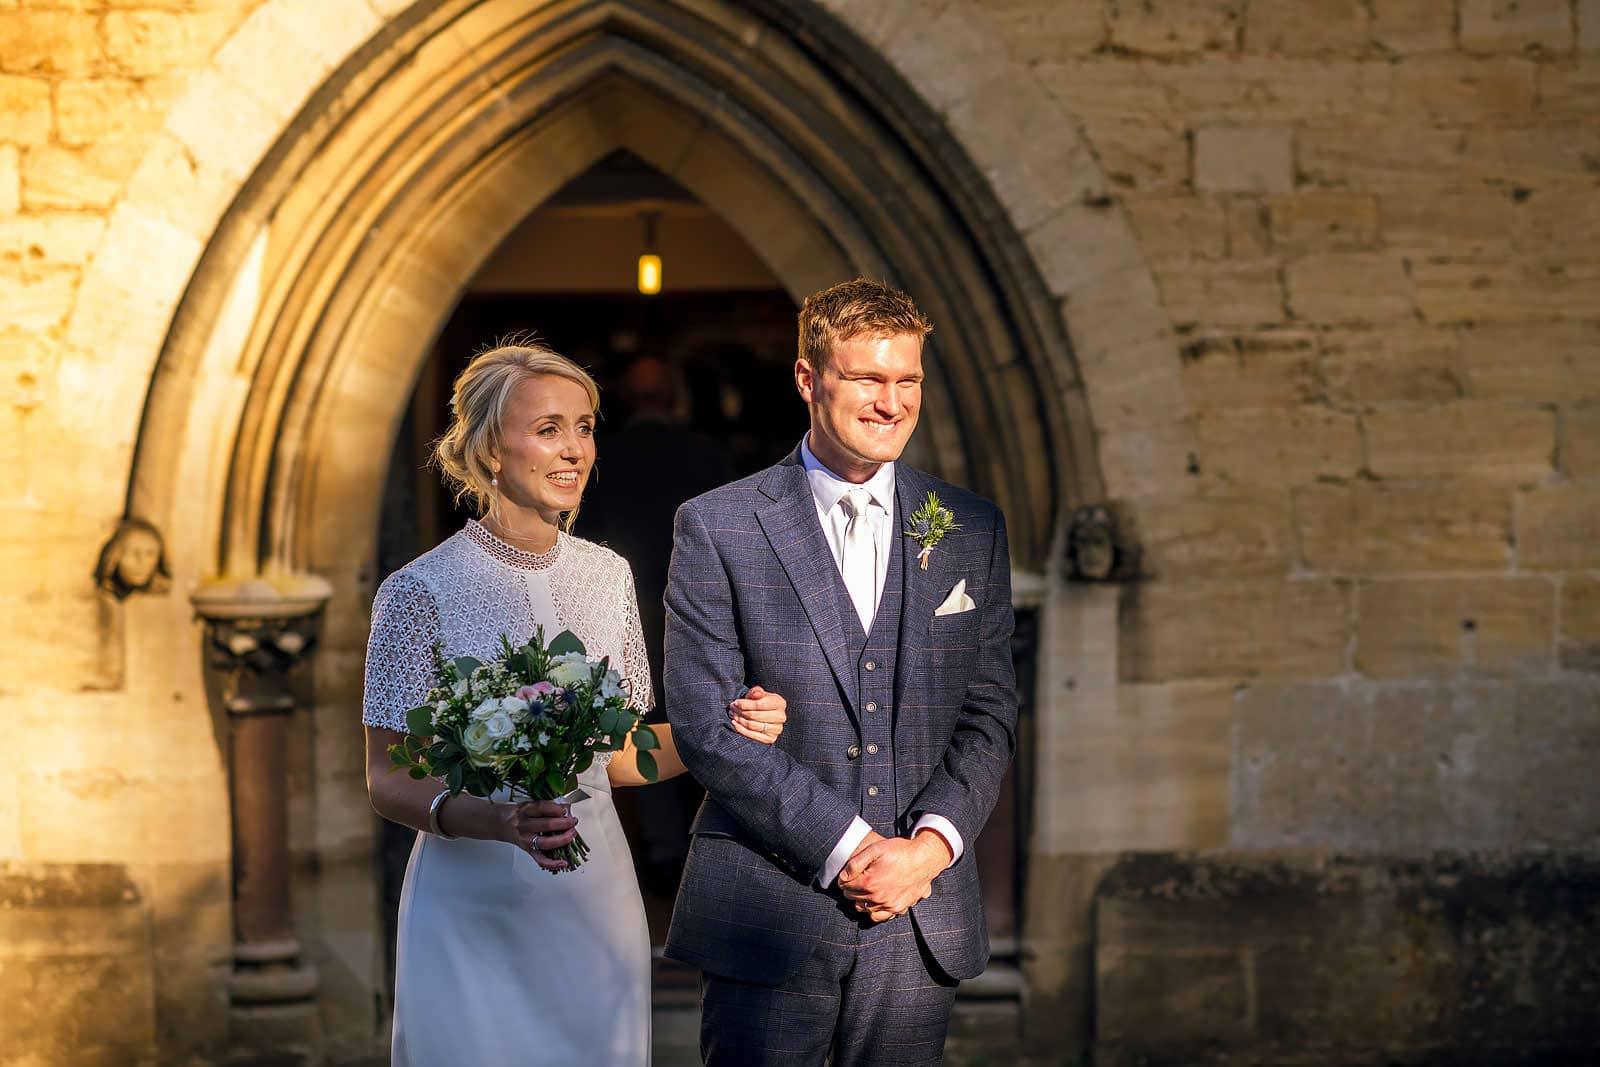 Wedding at Calcot Manor